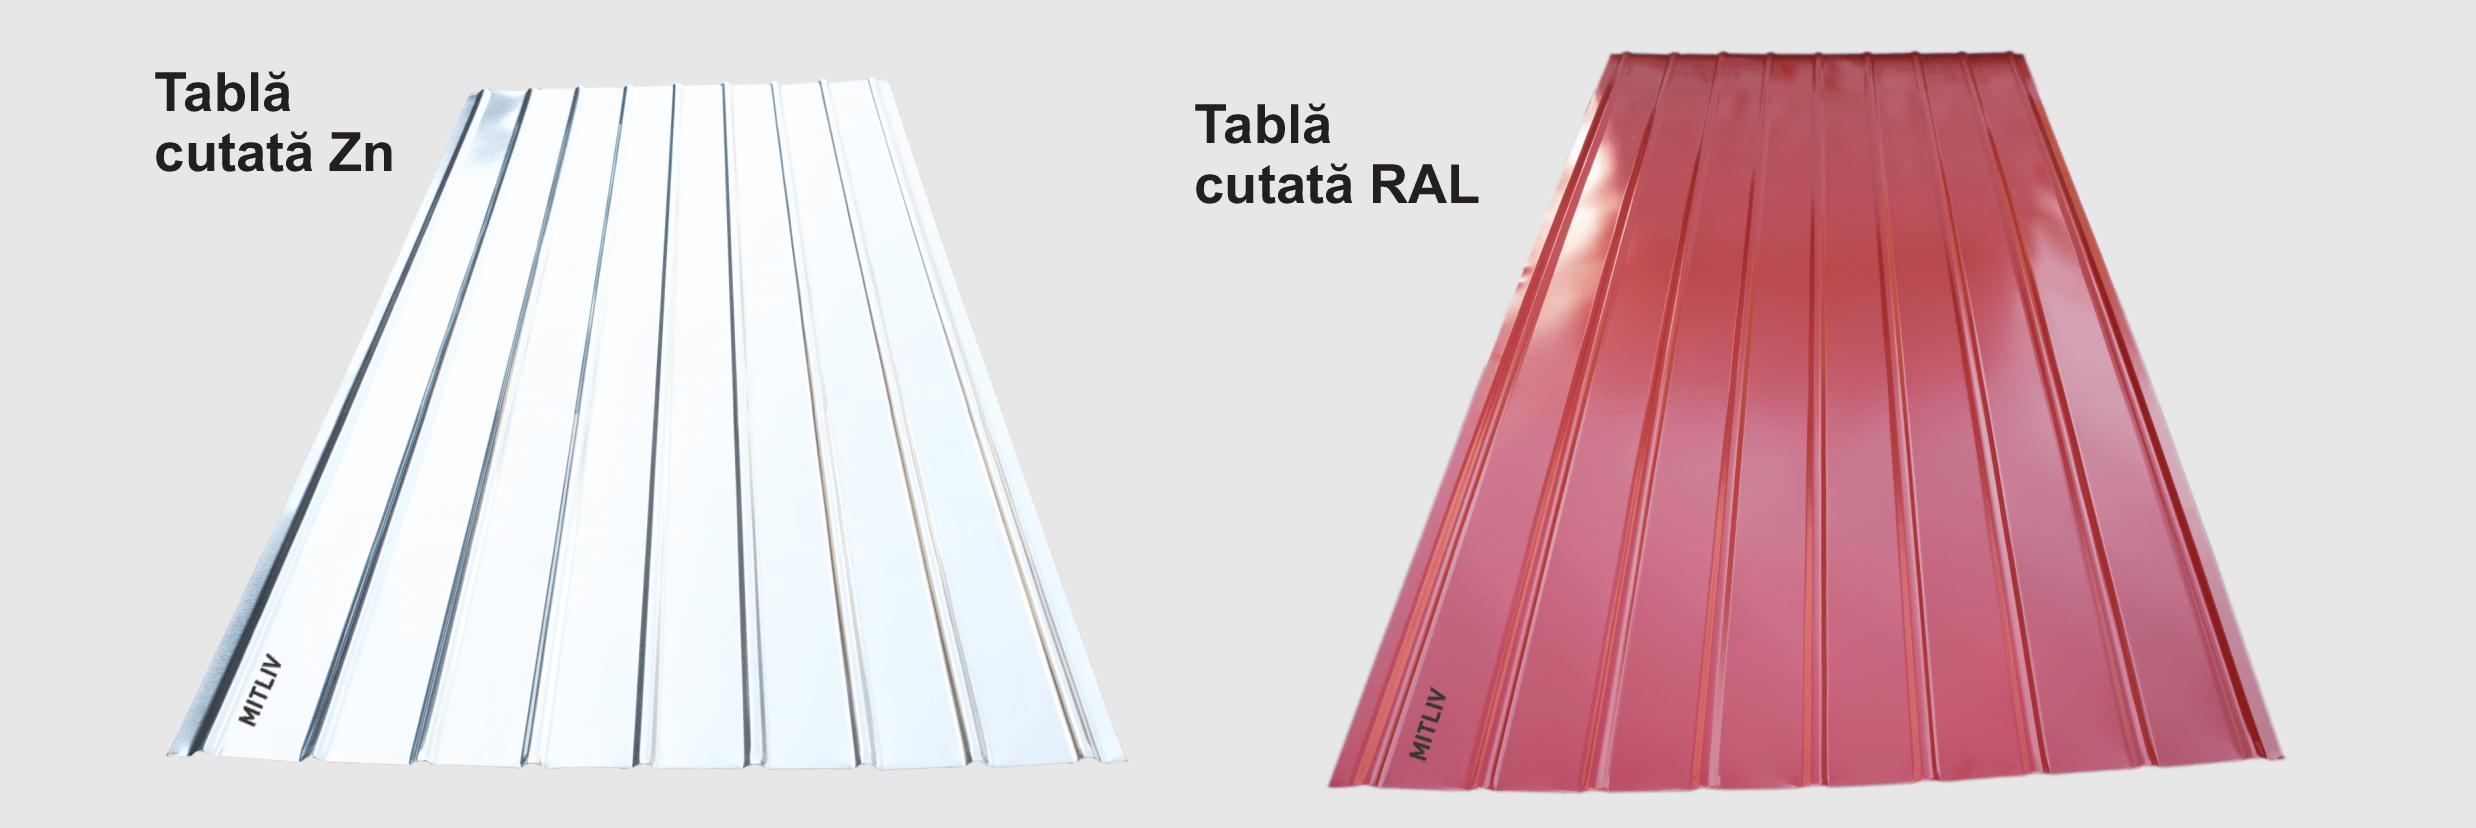 tabla cutata